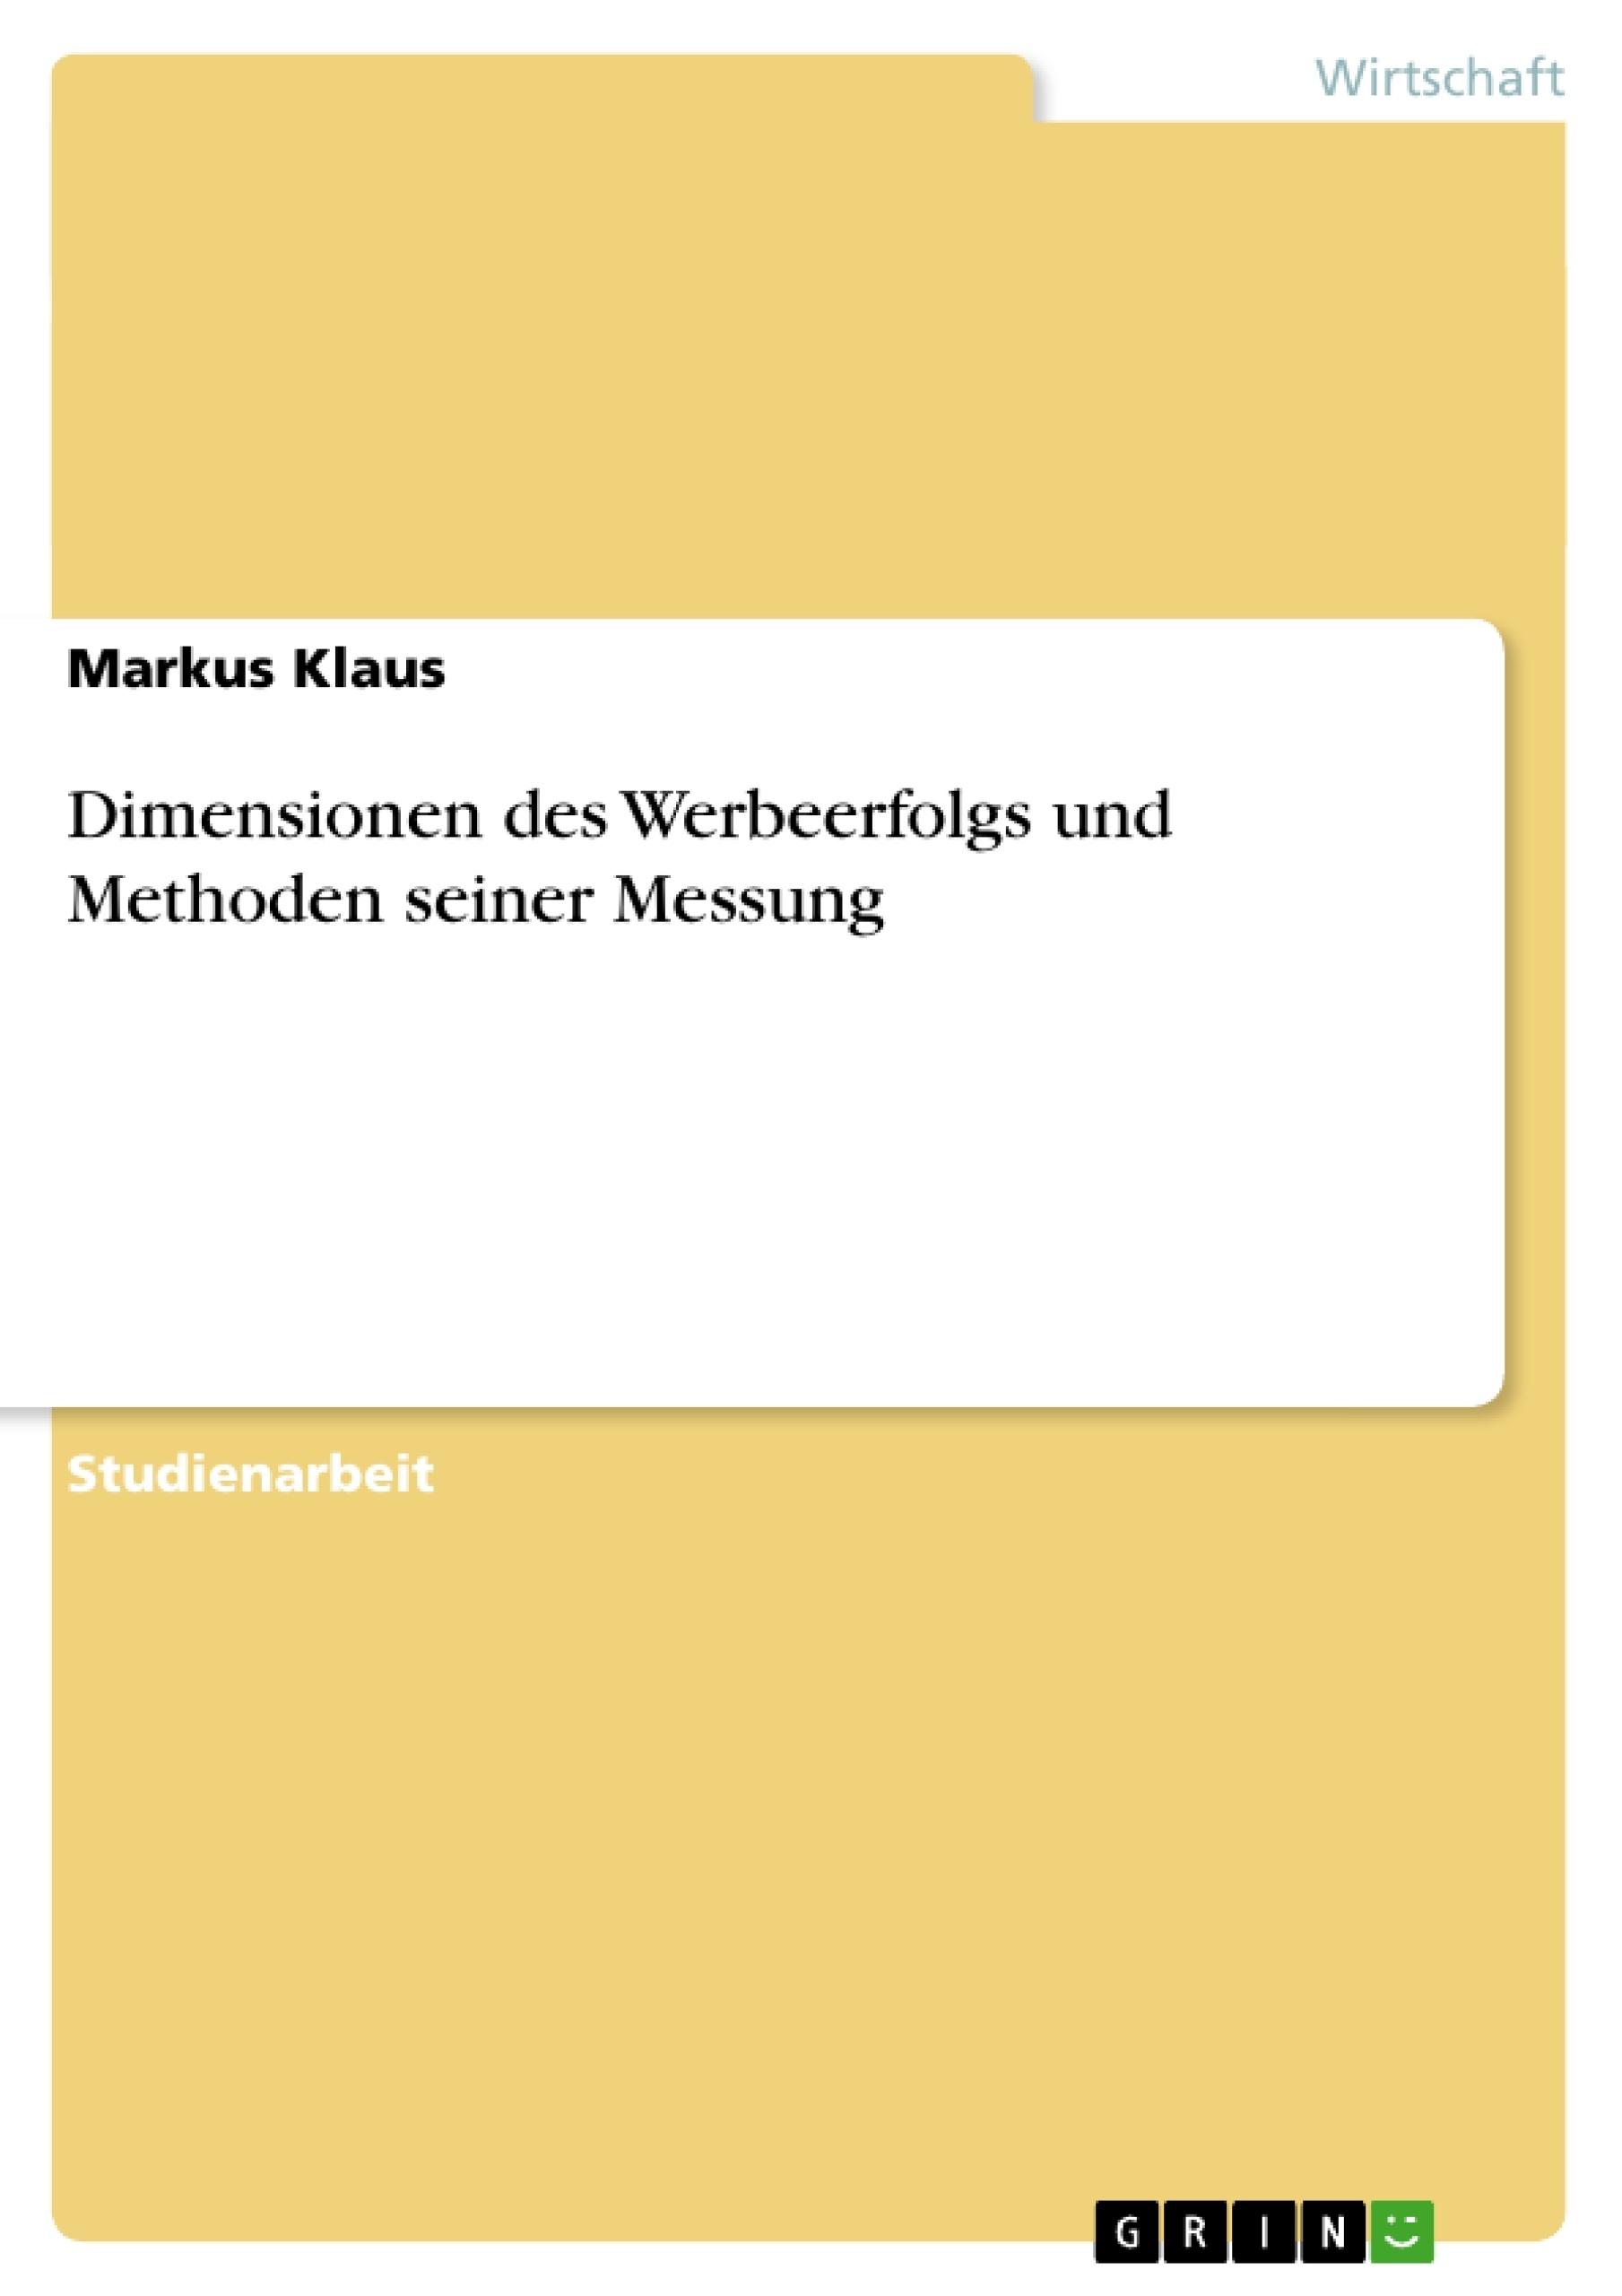 Titel: Dimensionen des Werbeerfolgs und Methoden seiner Messung